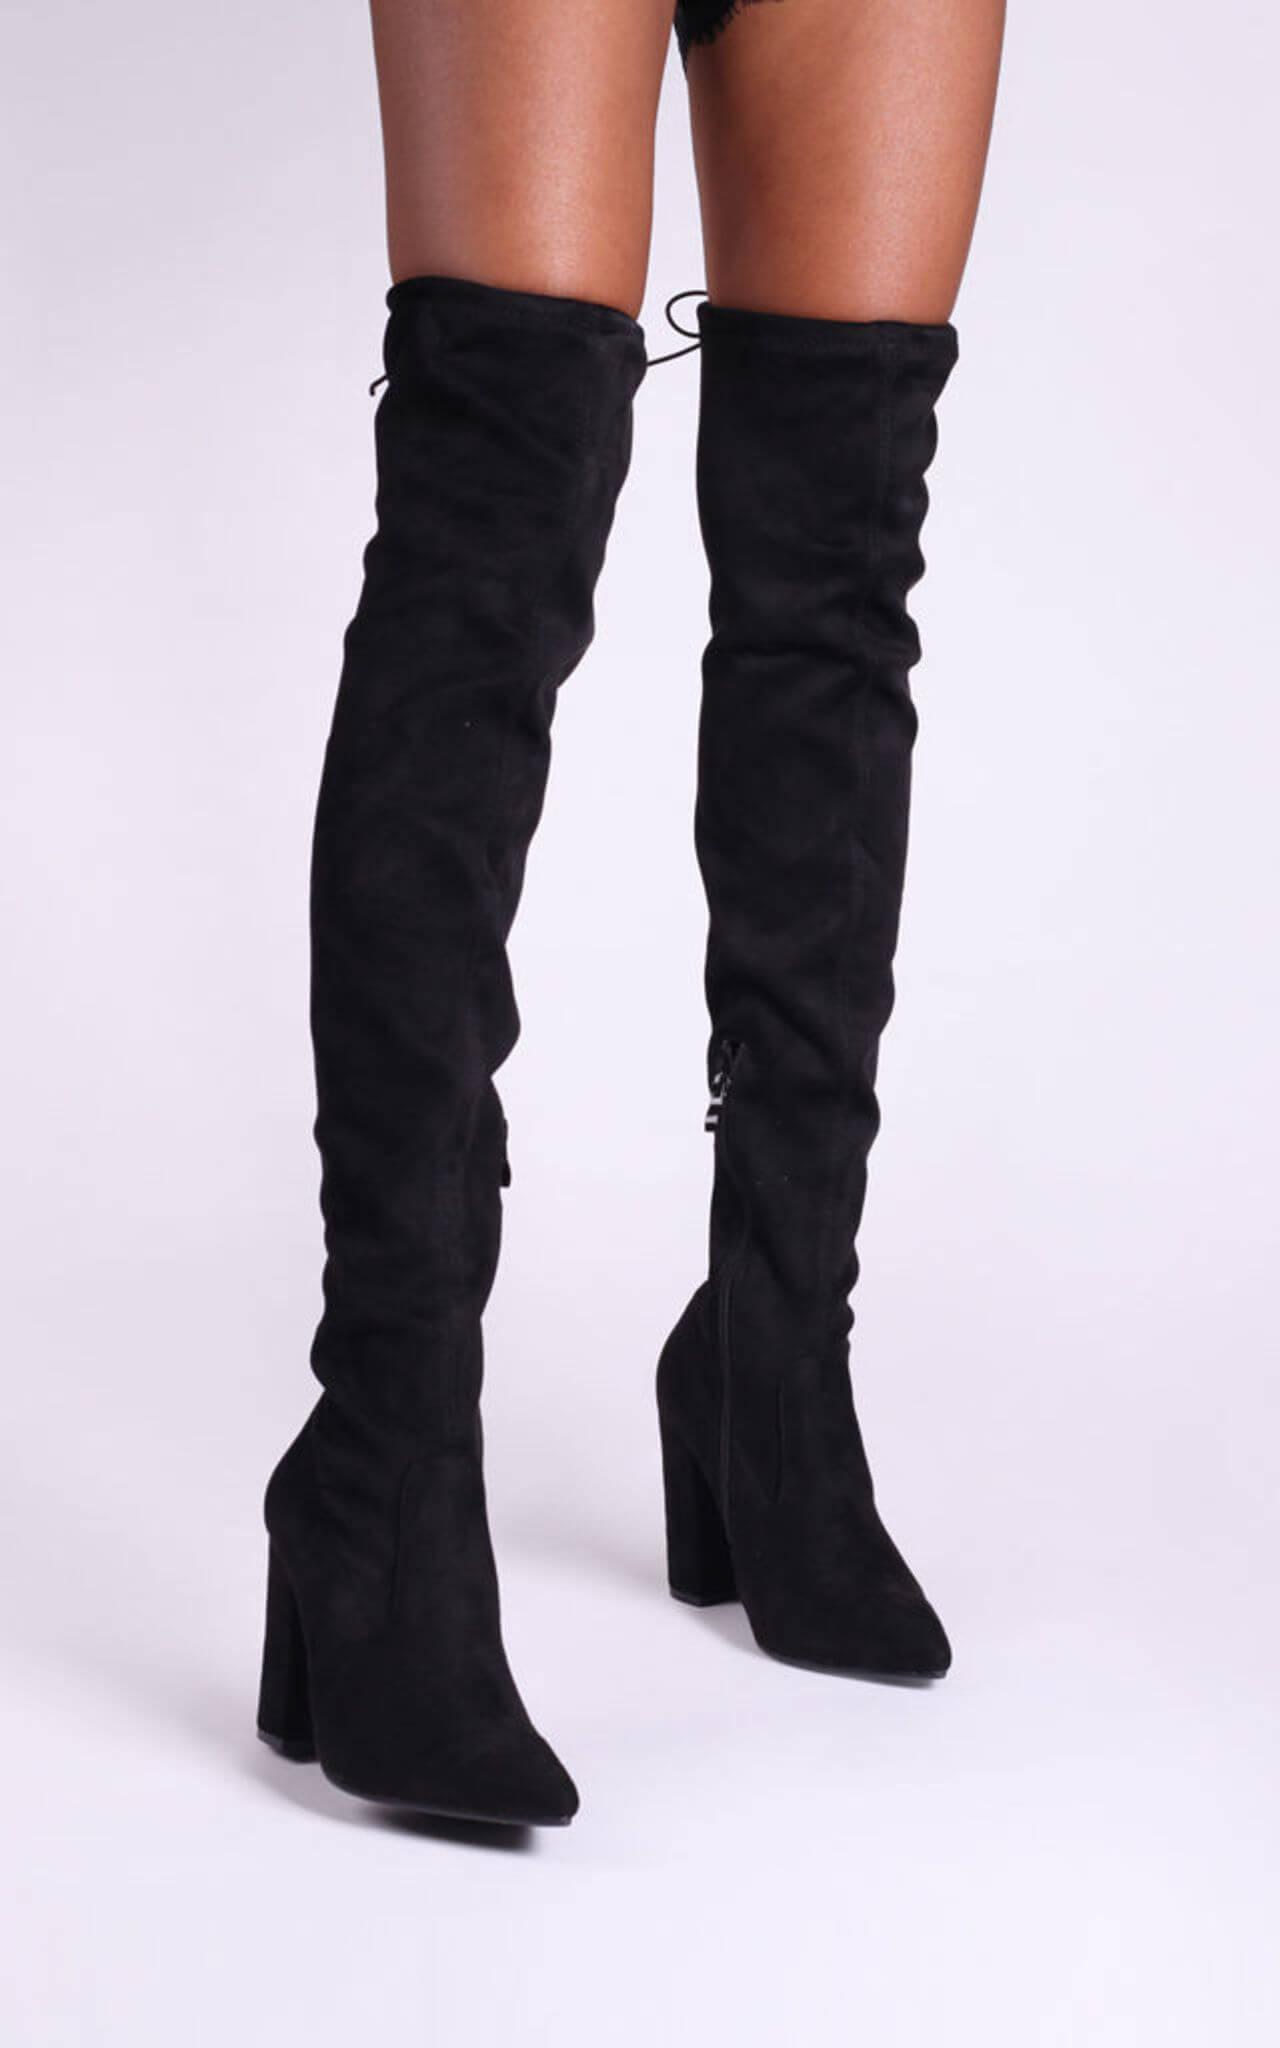 Model wears black suede over the knee boots with block heel